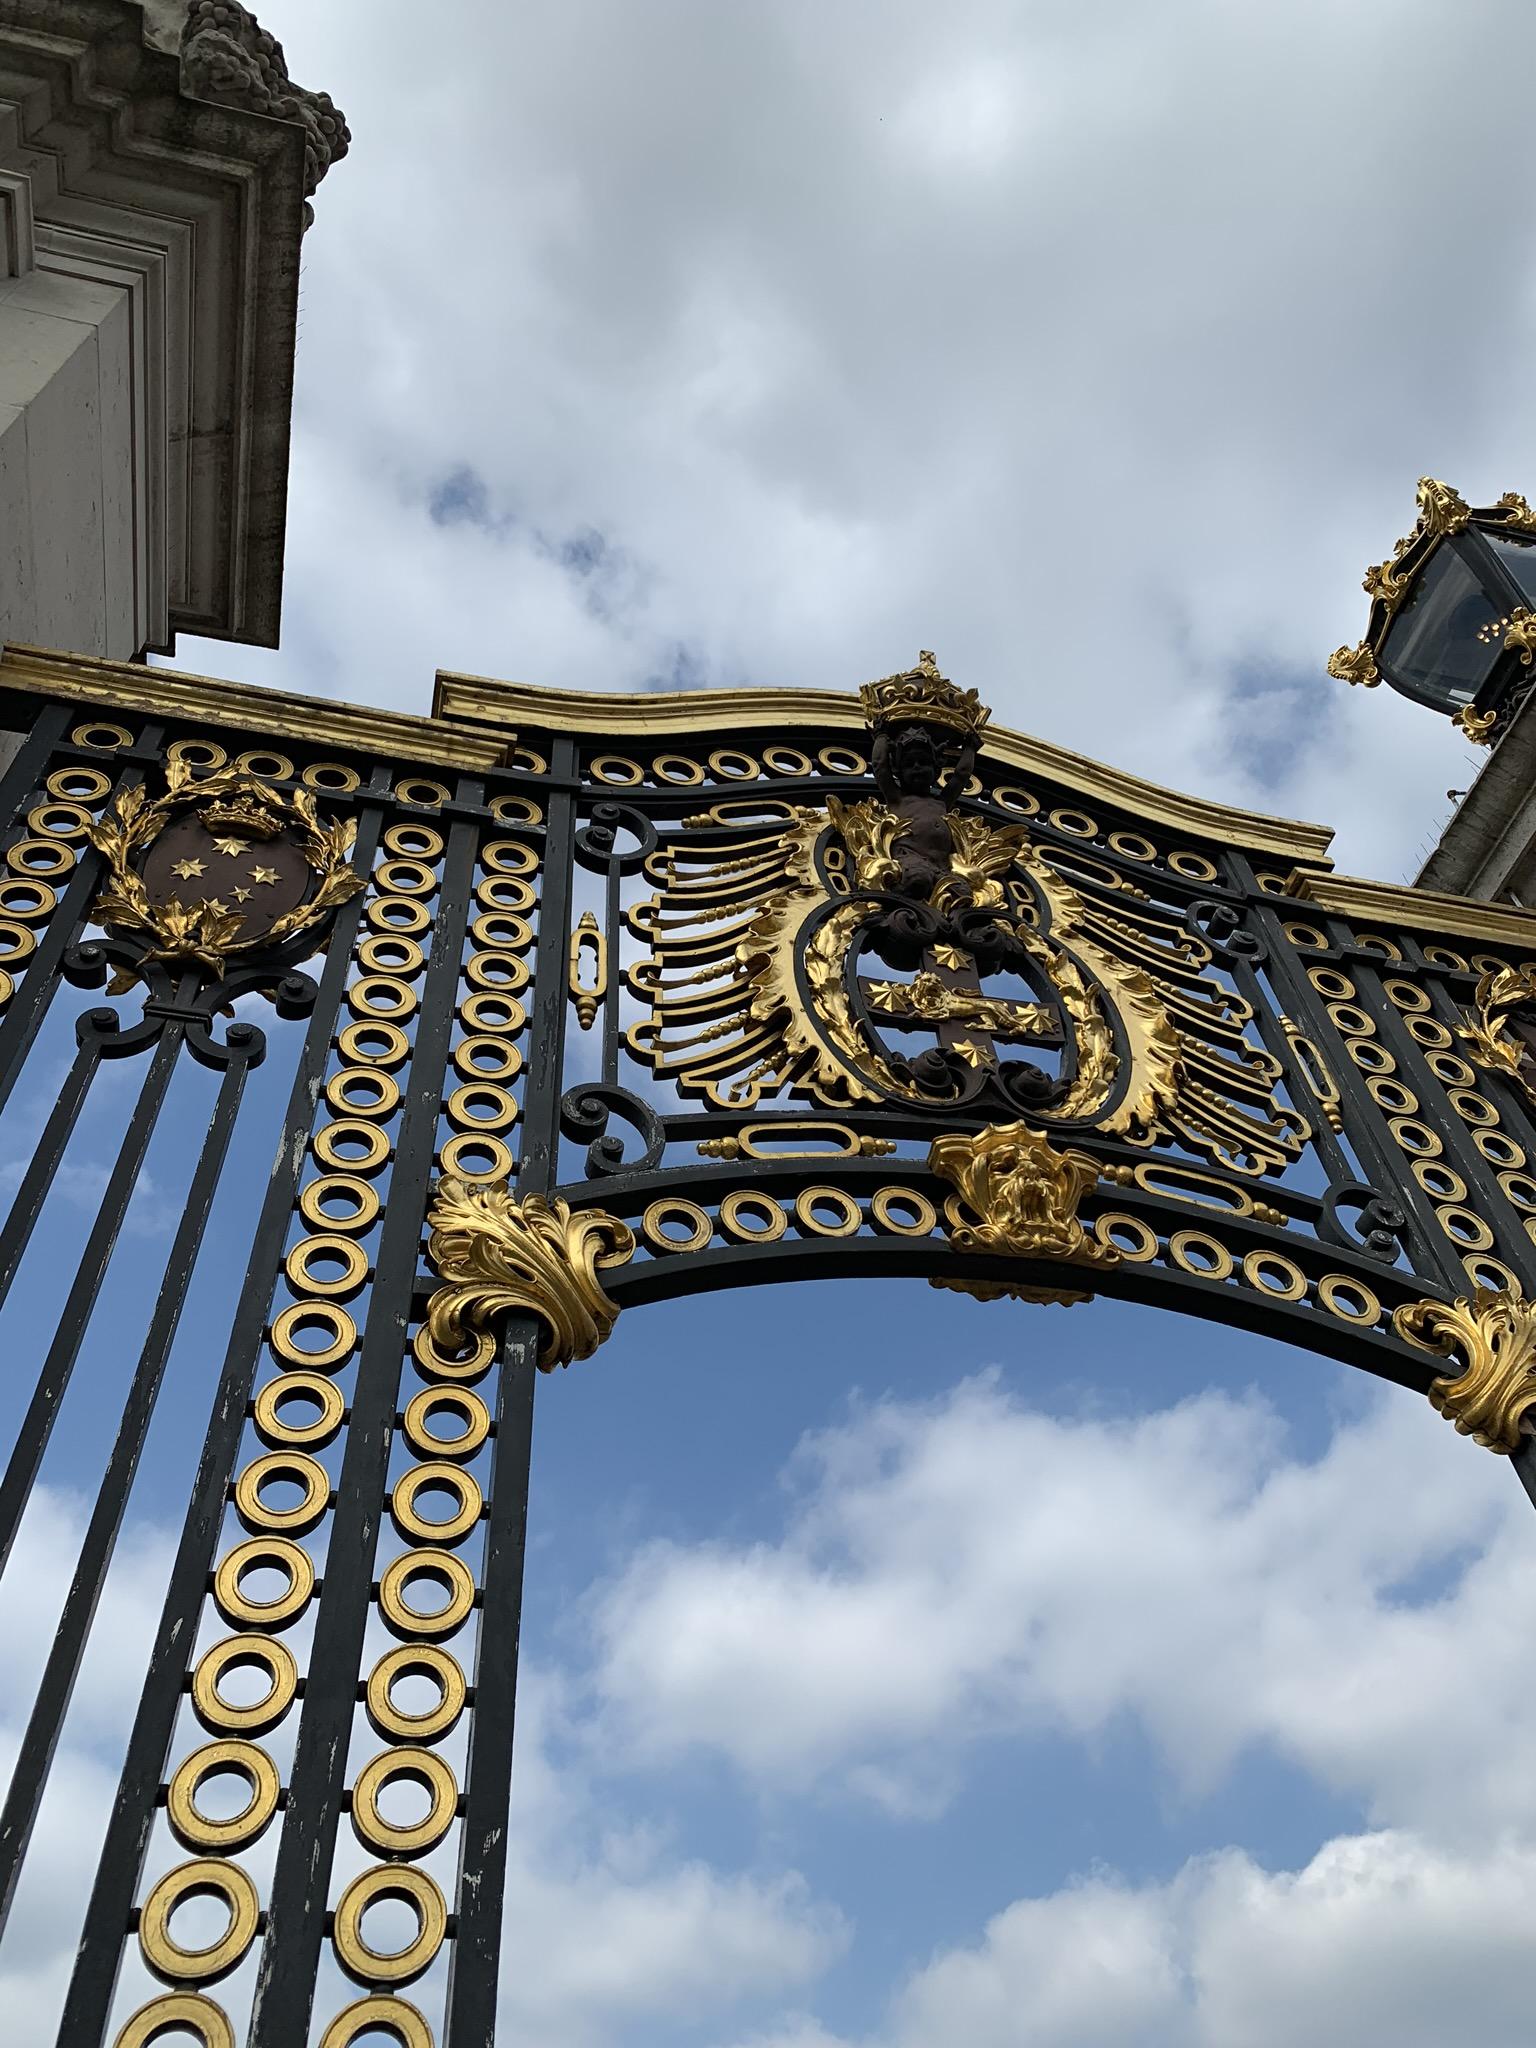 The gates surrounding Buckingham Palace